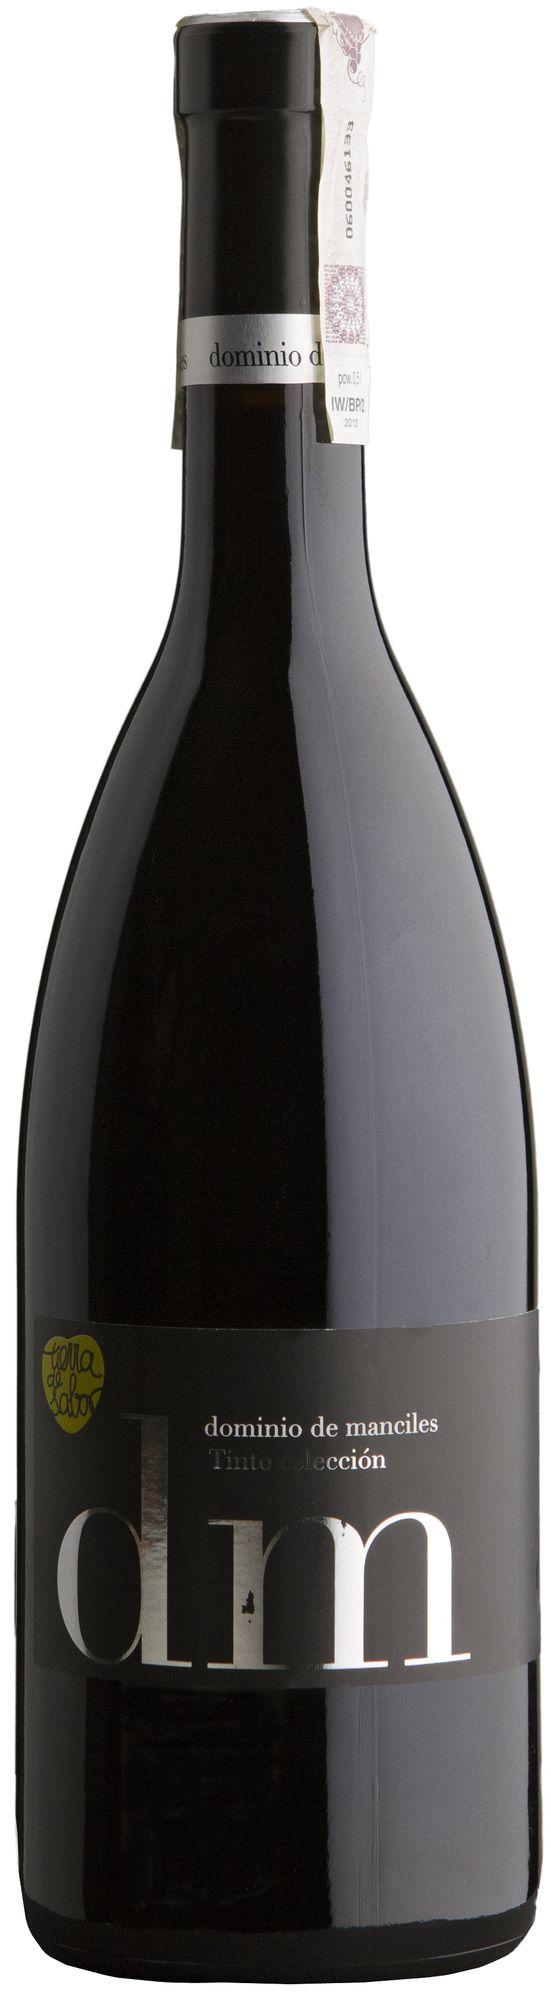 Wino Arlanza Dominio de Manciles Selection Arlanza DO